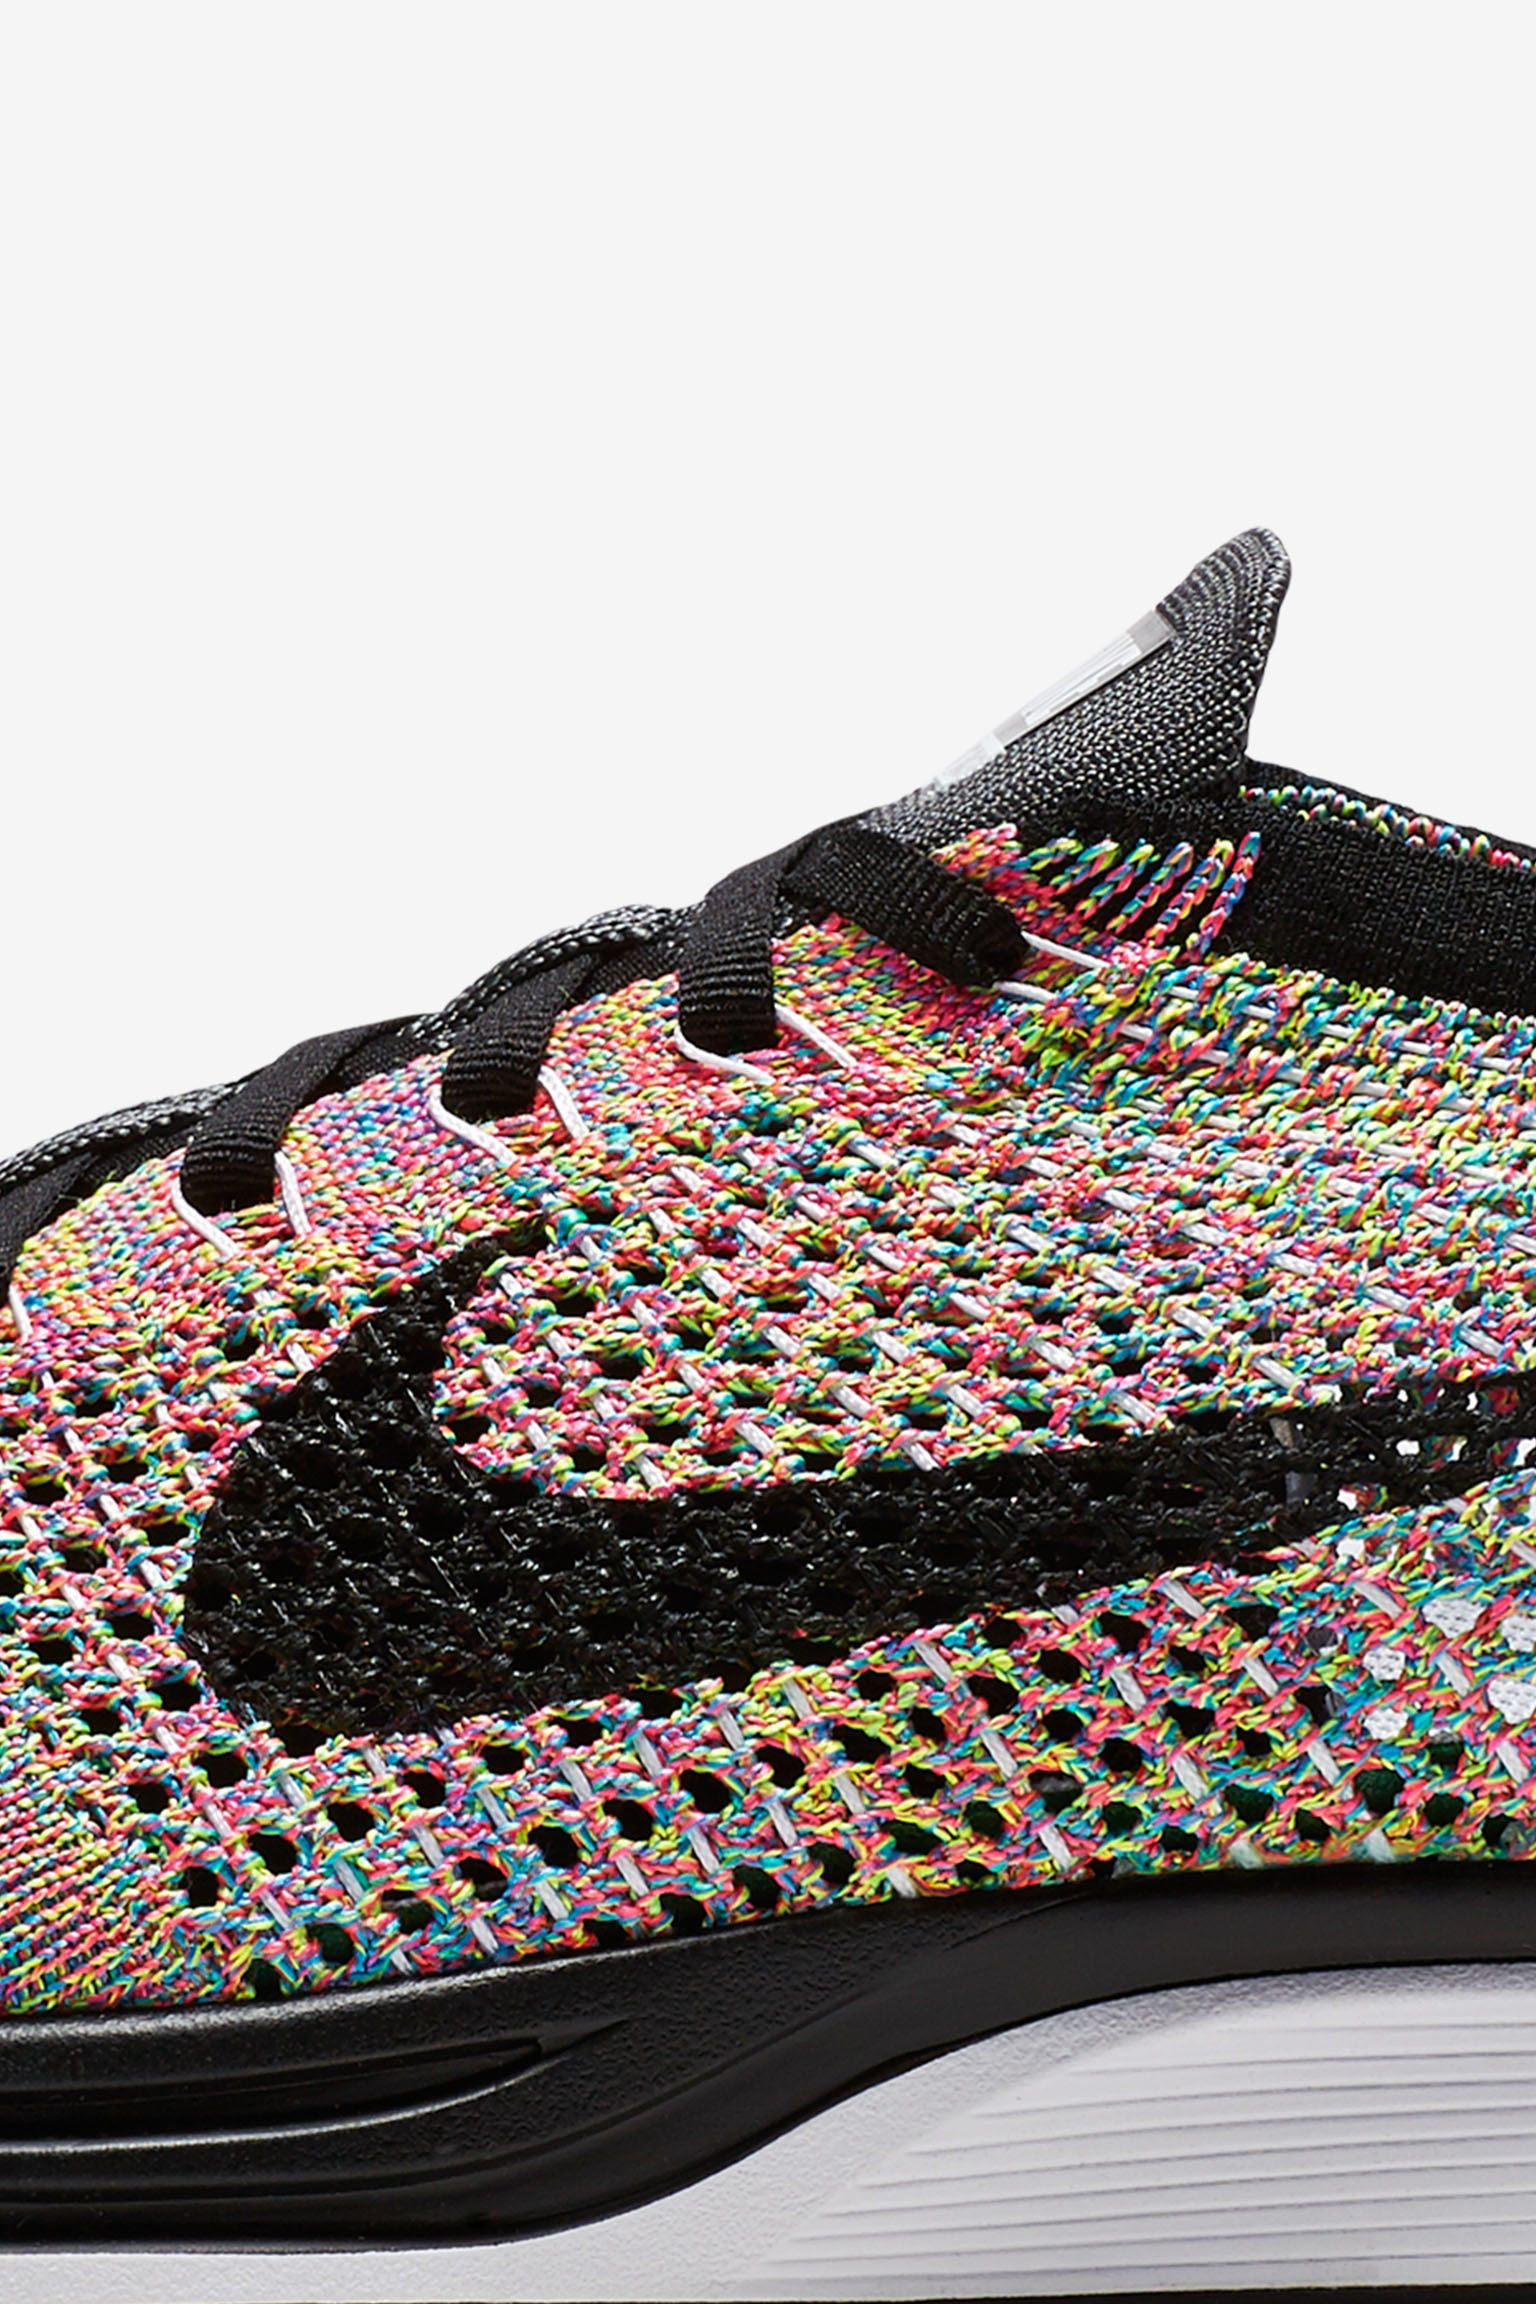 Nike Flyknit Racer 'Rainbow' 2016 Release Date